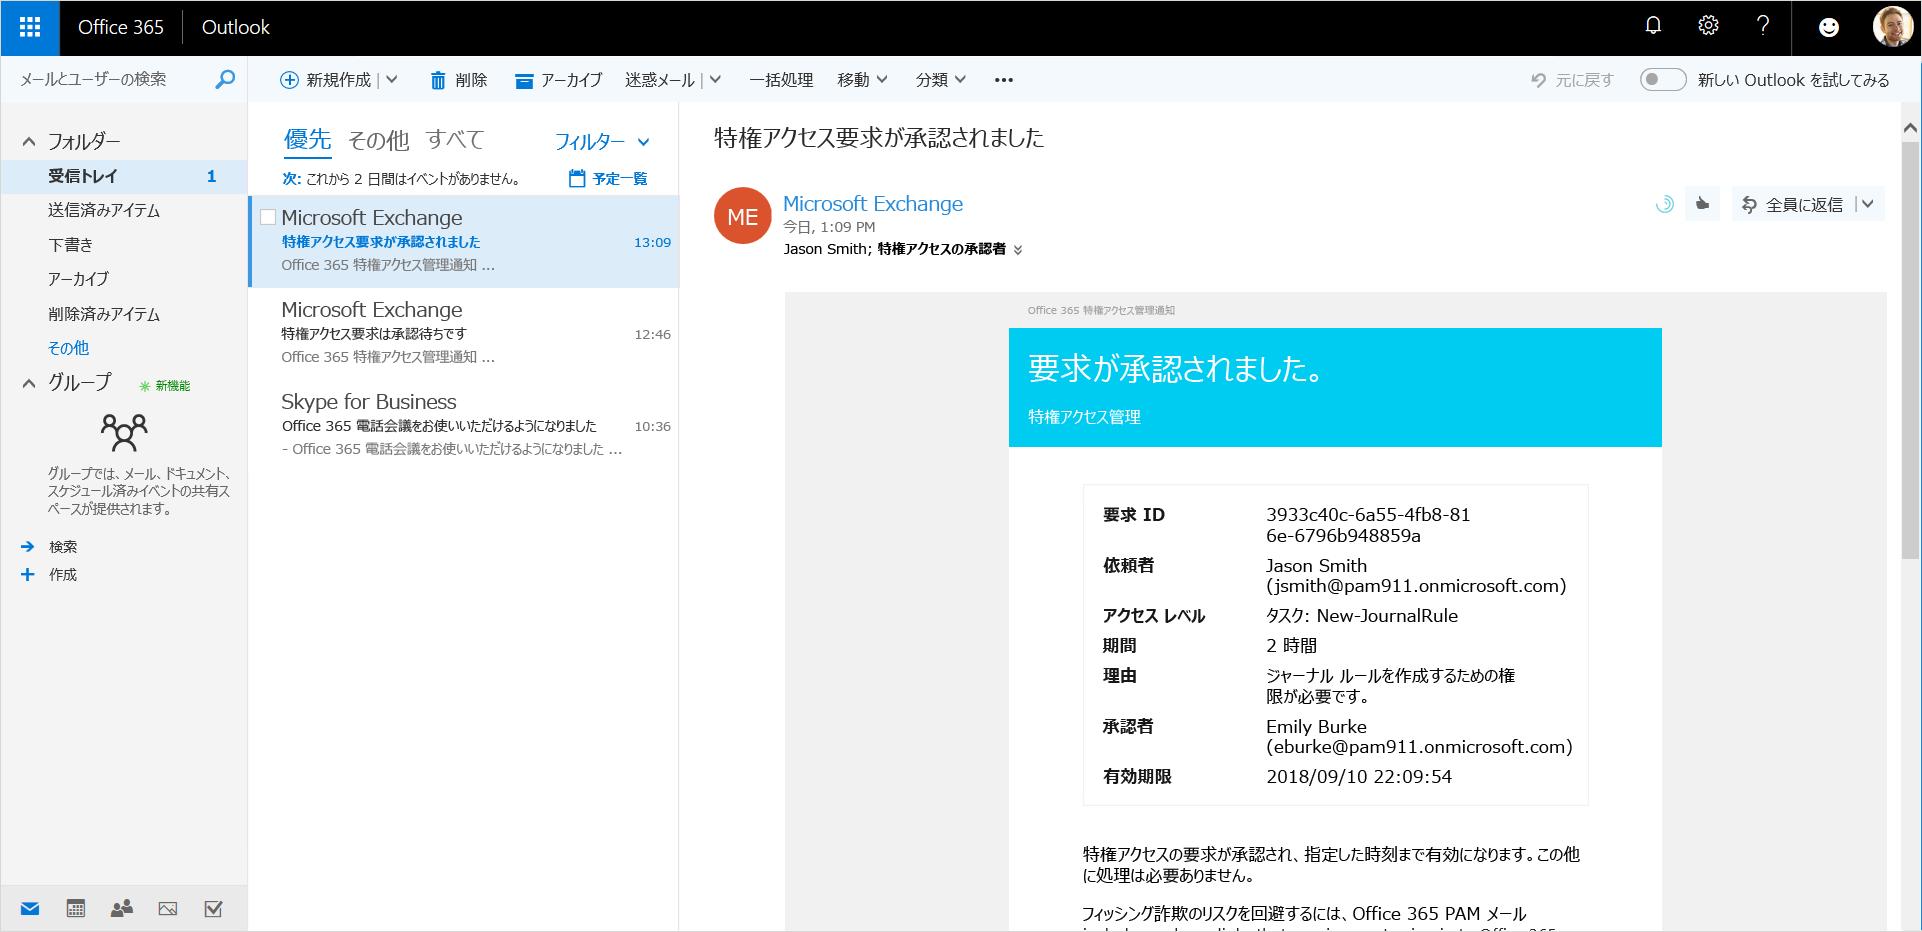 Outlook で承認された特権アクセス リクエストの画像。